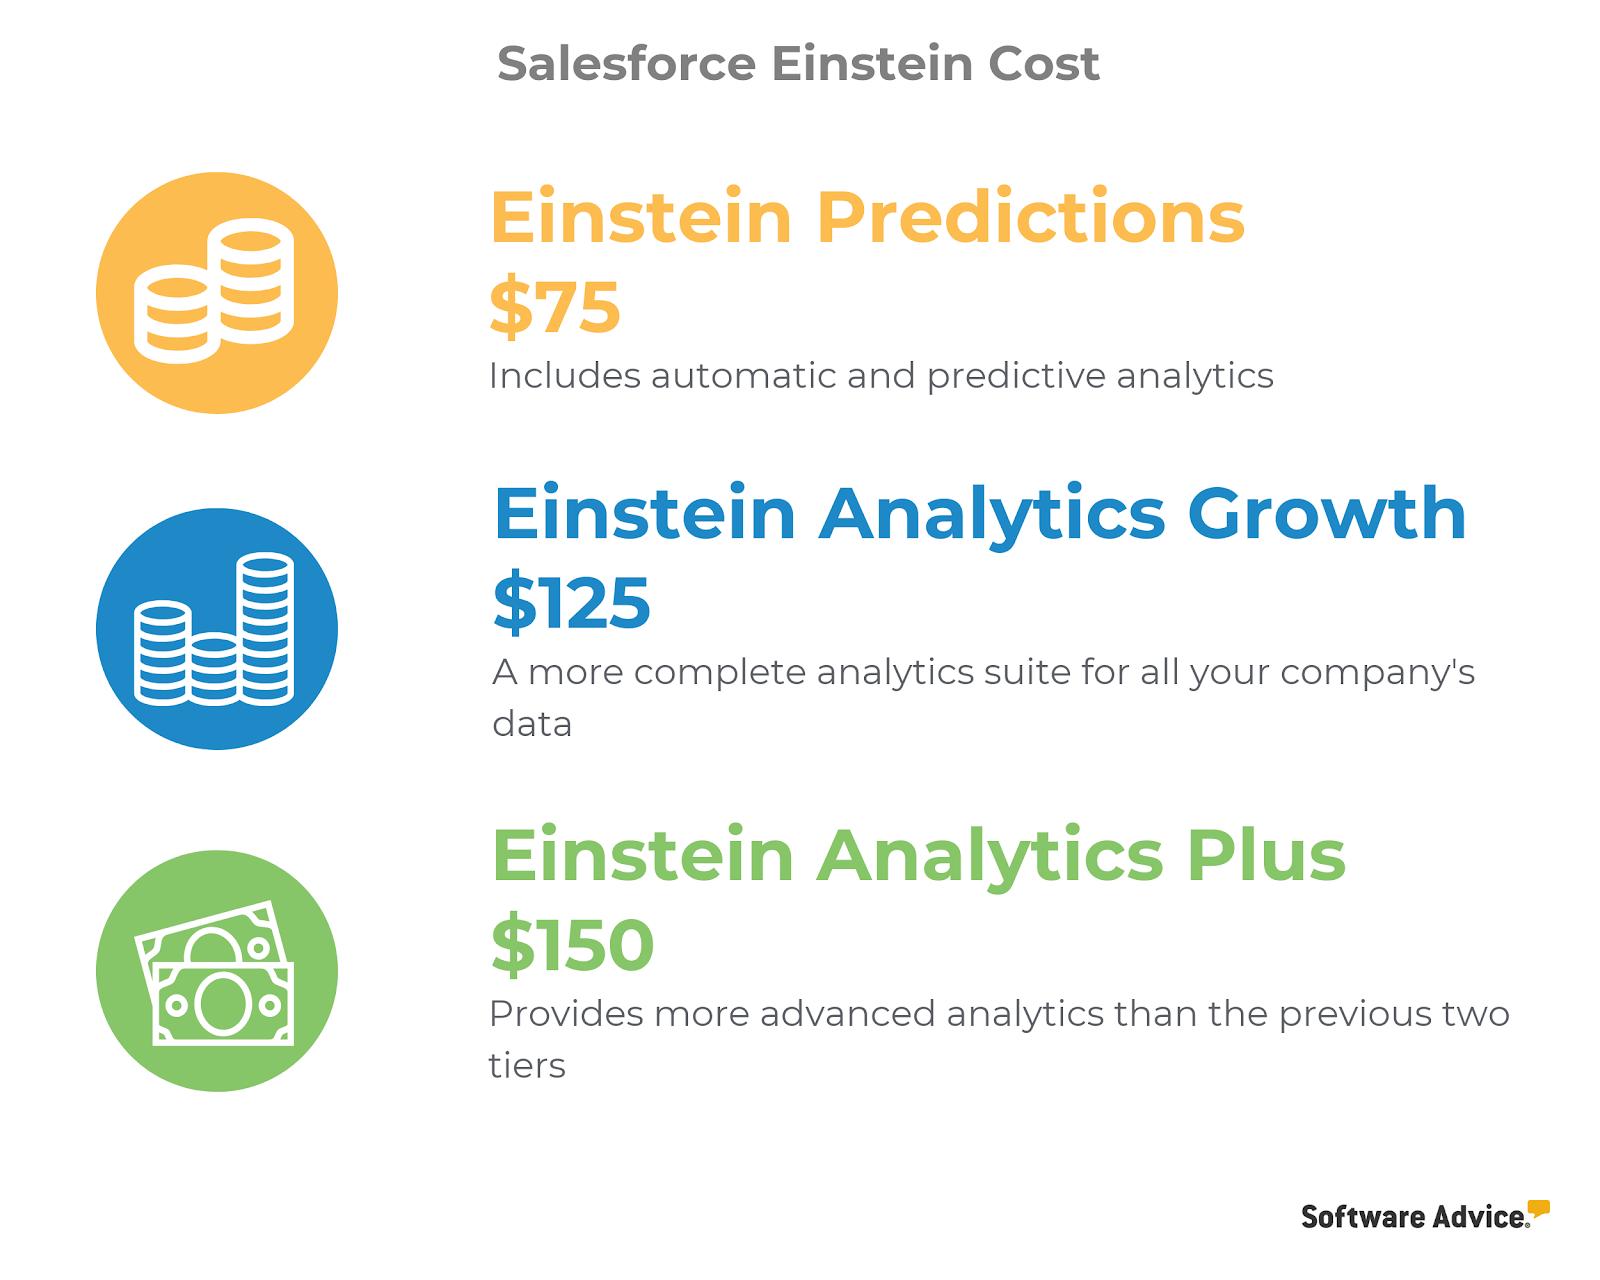 Salesforce Einstein Cost